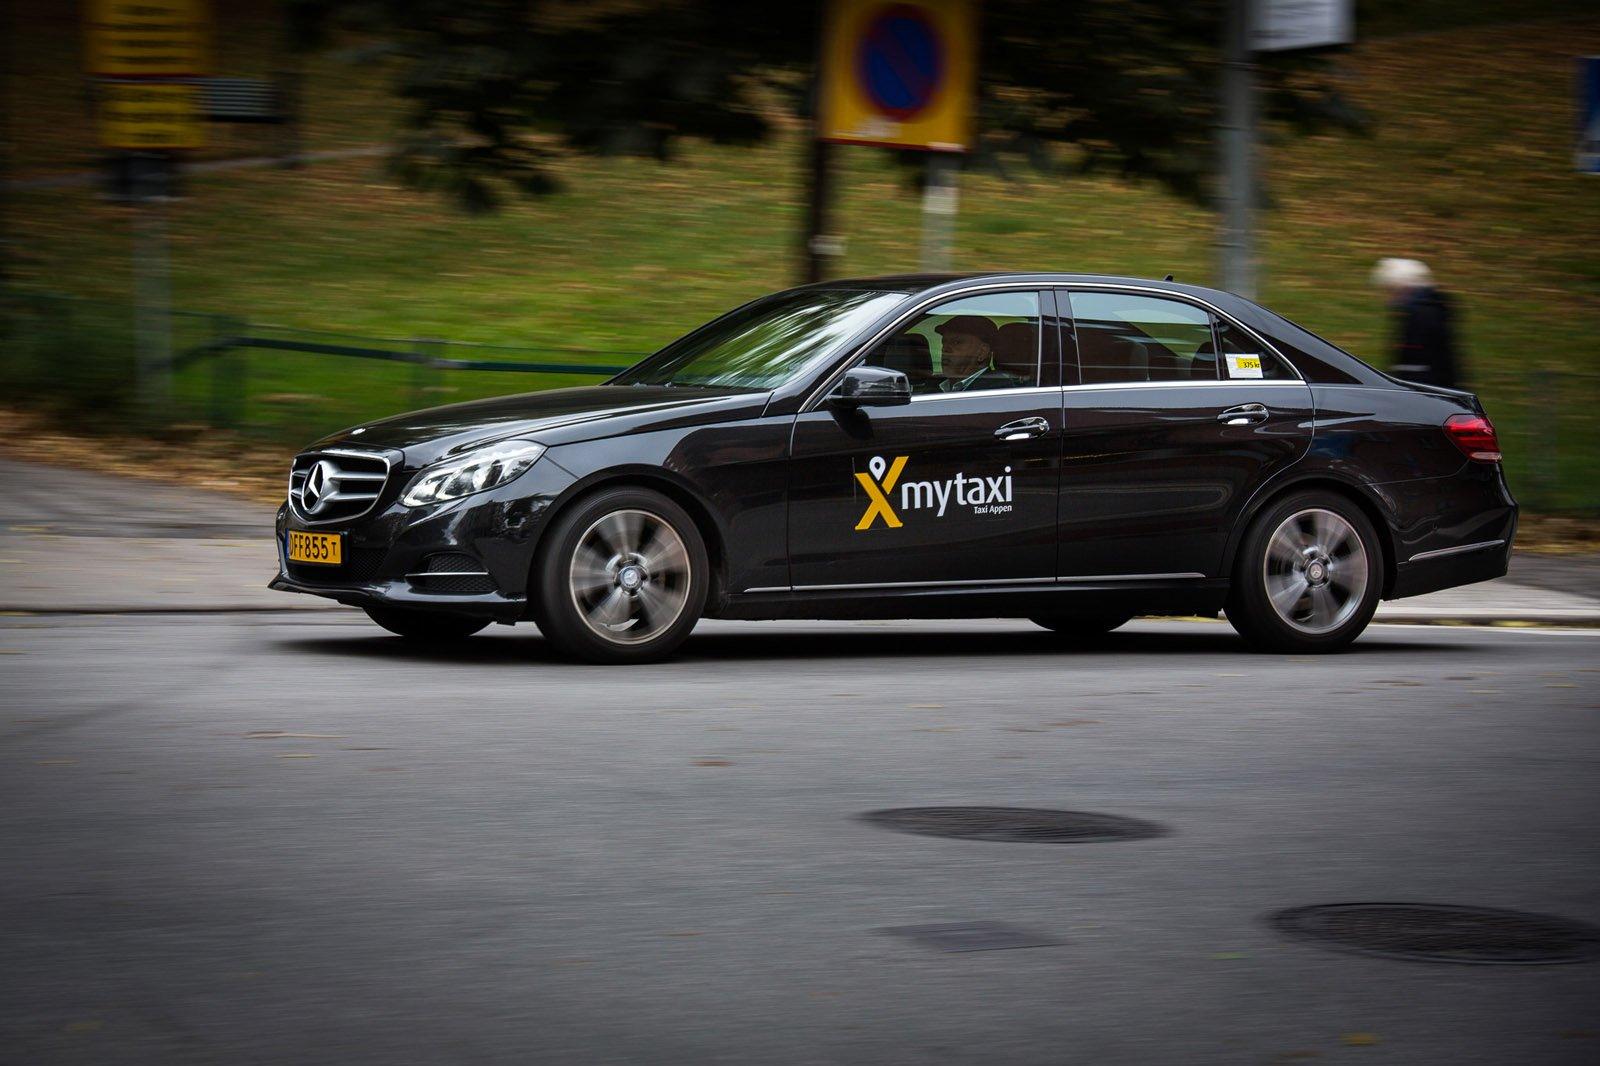 mytaxi en ny app som kopplar samman taxiförare och kund.